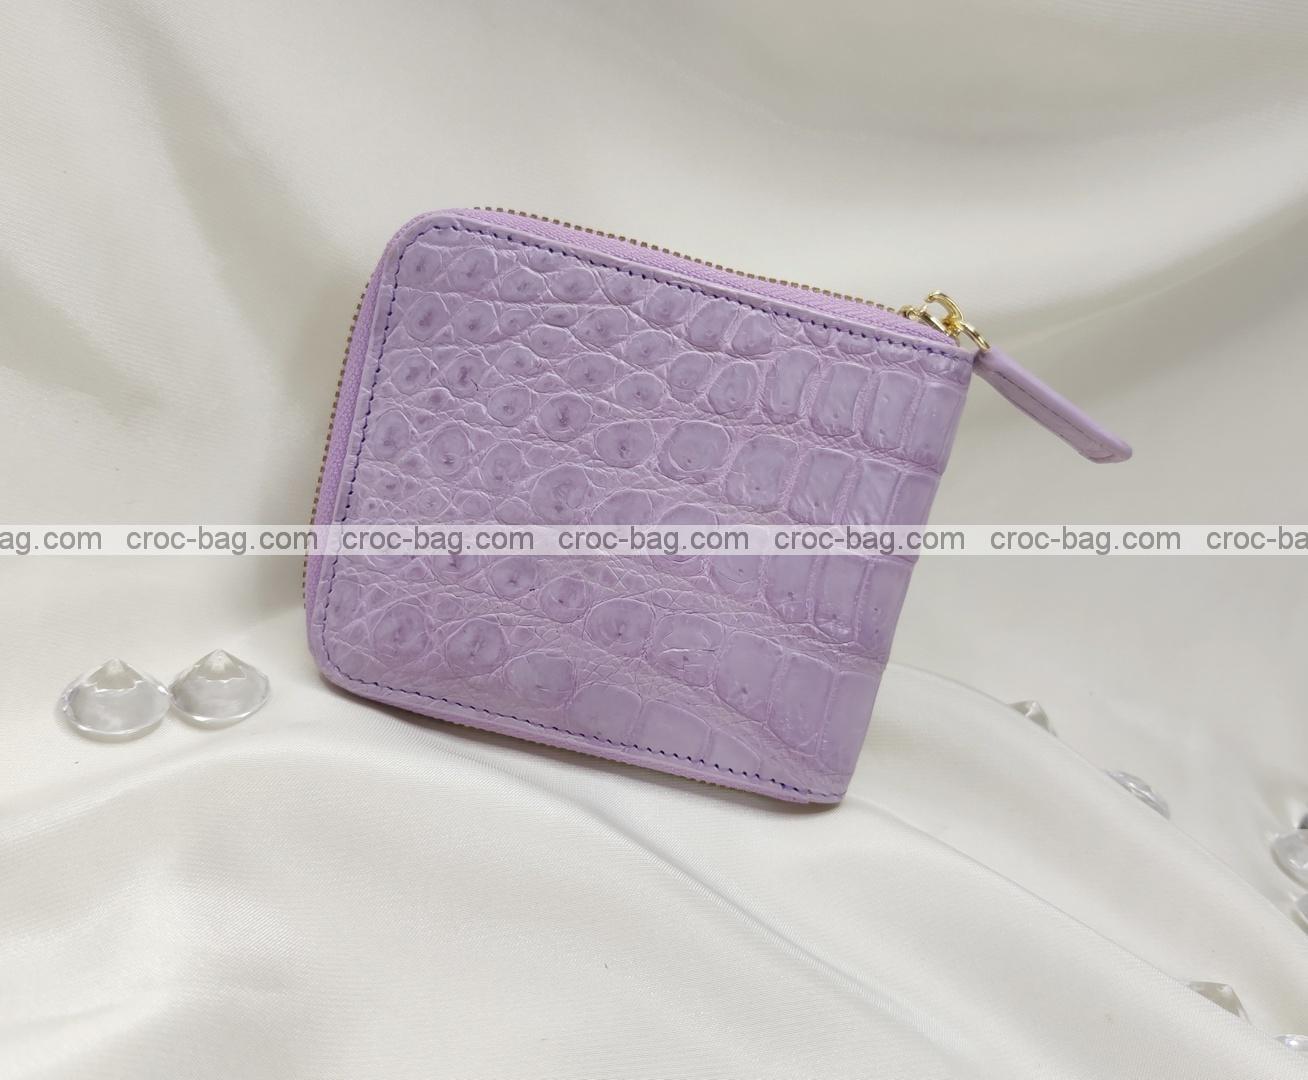 กระเป๋าหนังสตางค์จระเข้สำหรับผู้หญิง 5371